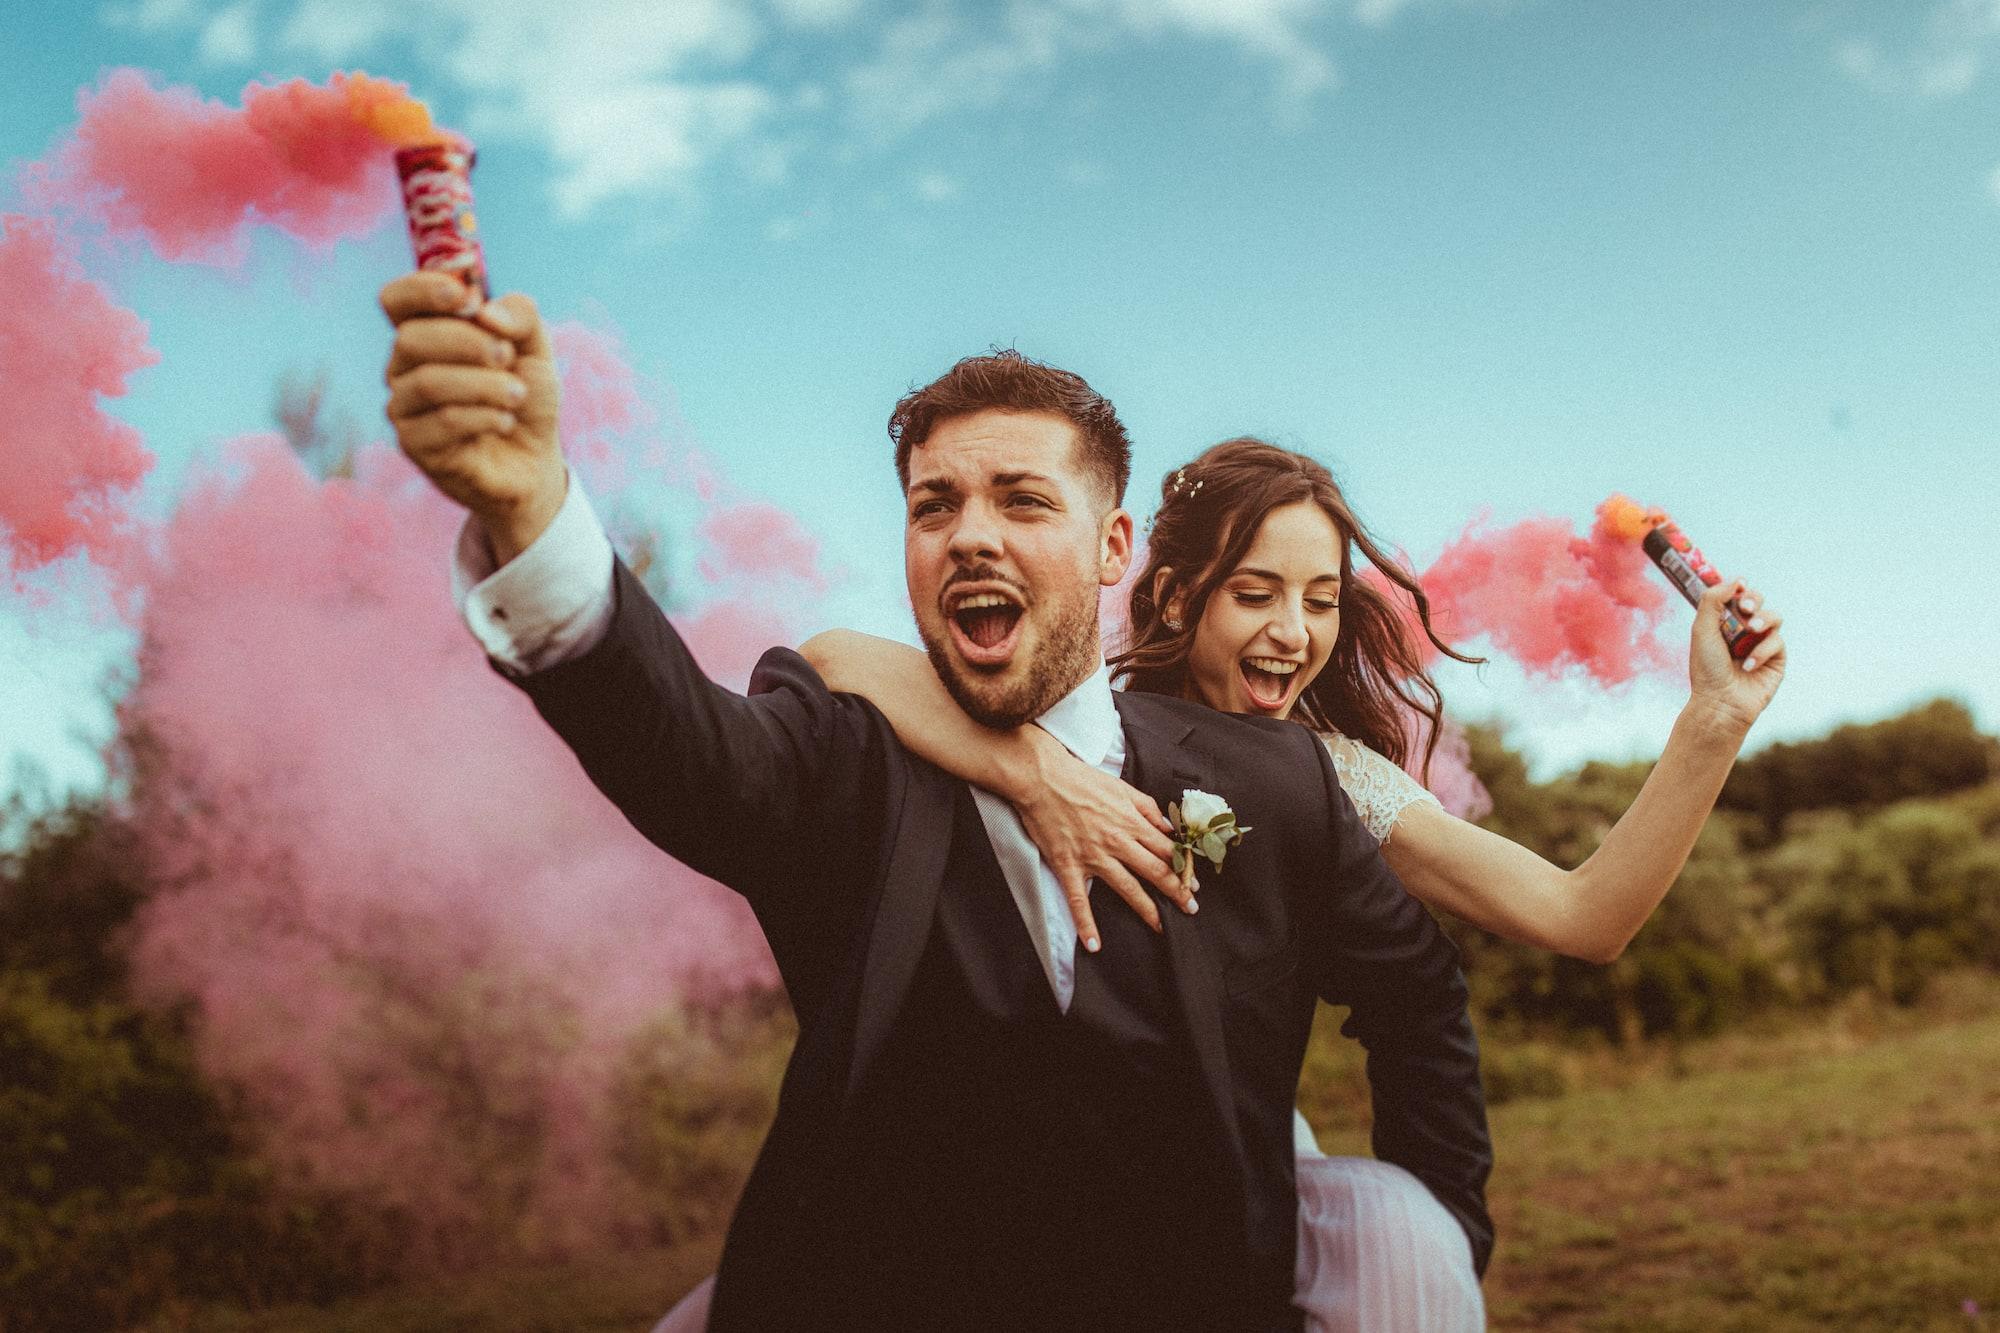 photographe de mariage a reims - couple avec fumigene